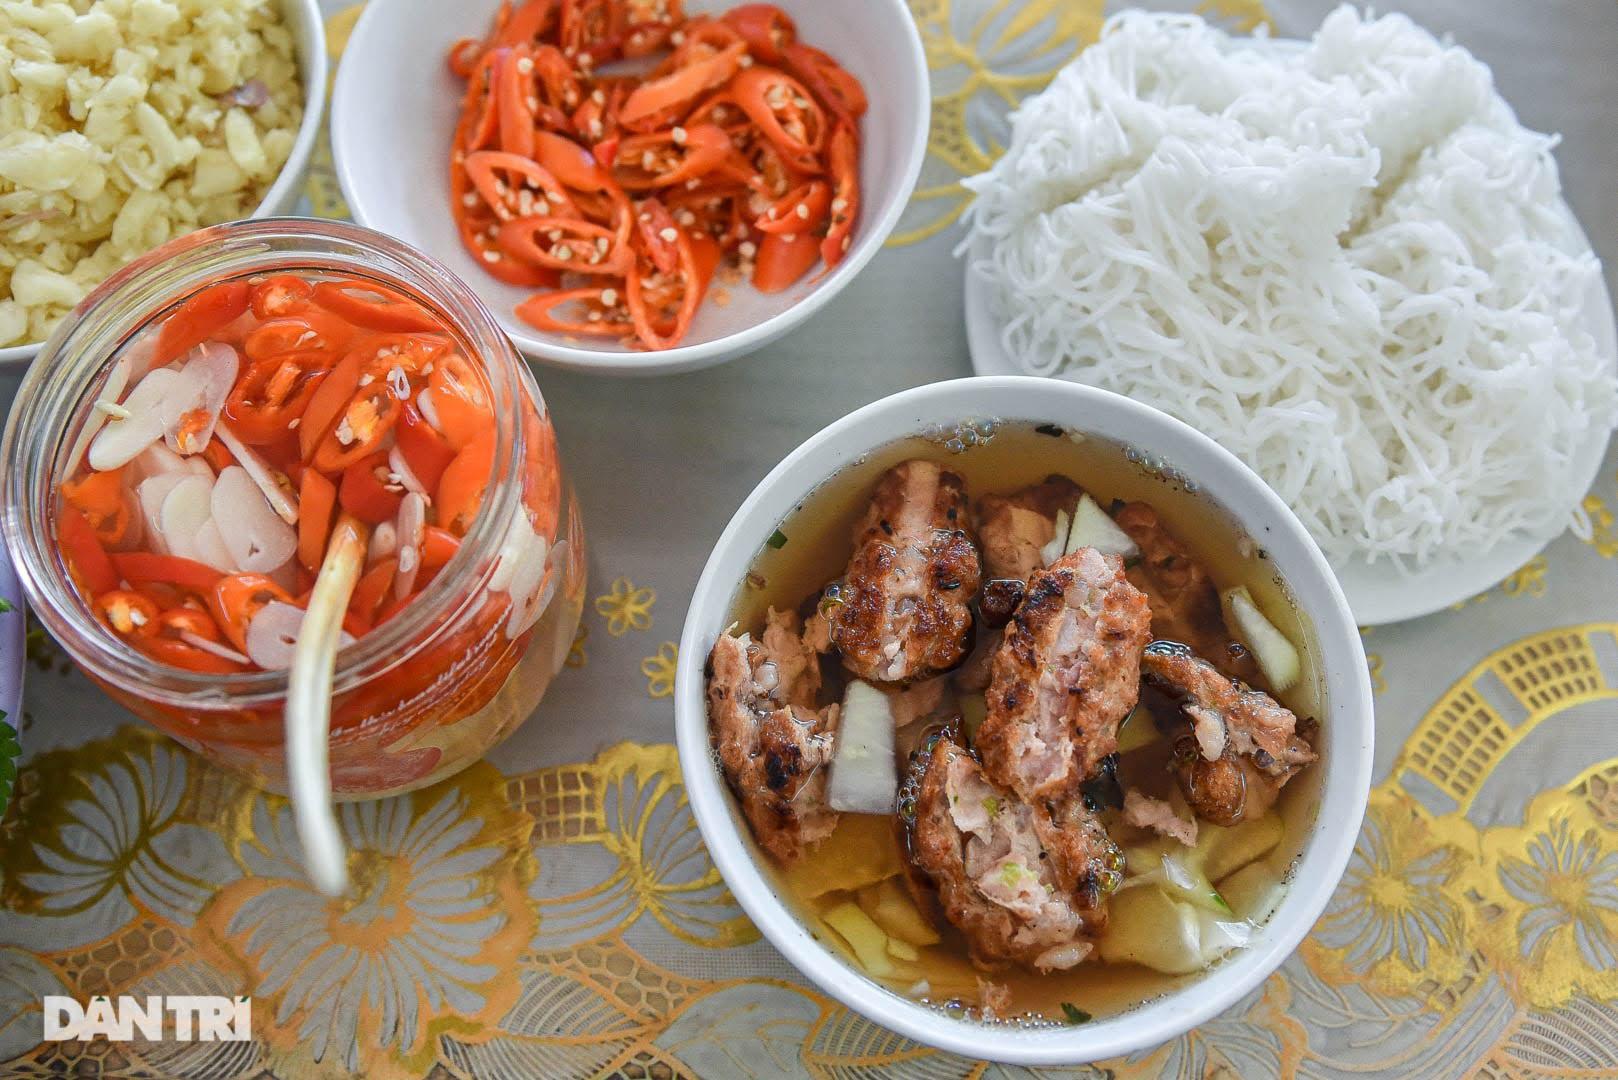 Hiếm có ở Hà Nội: Bún chả kẹp que tre nướng, ngày bán hàng trăm suất - Ảnh 9.